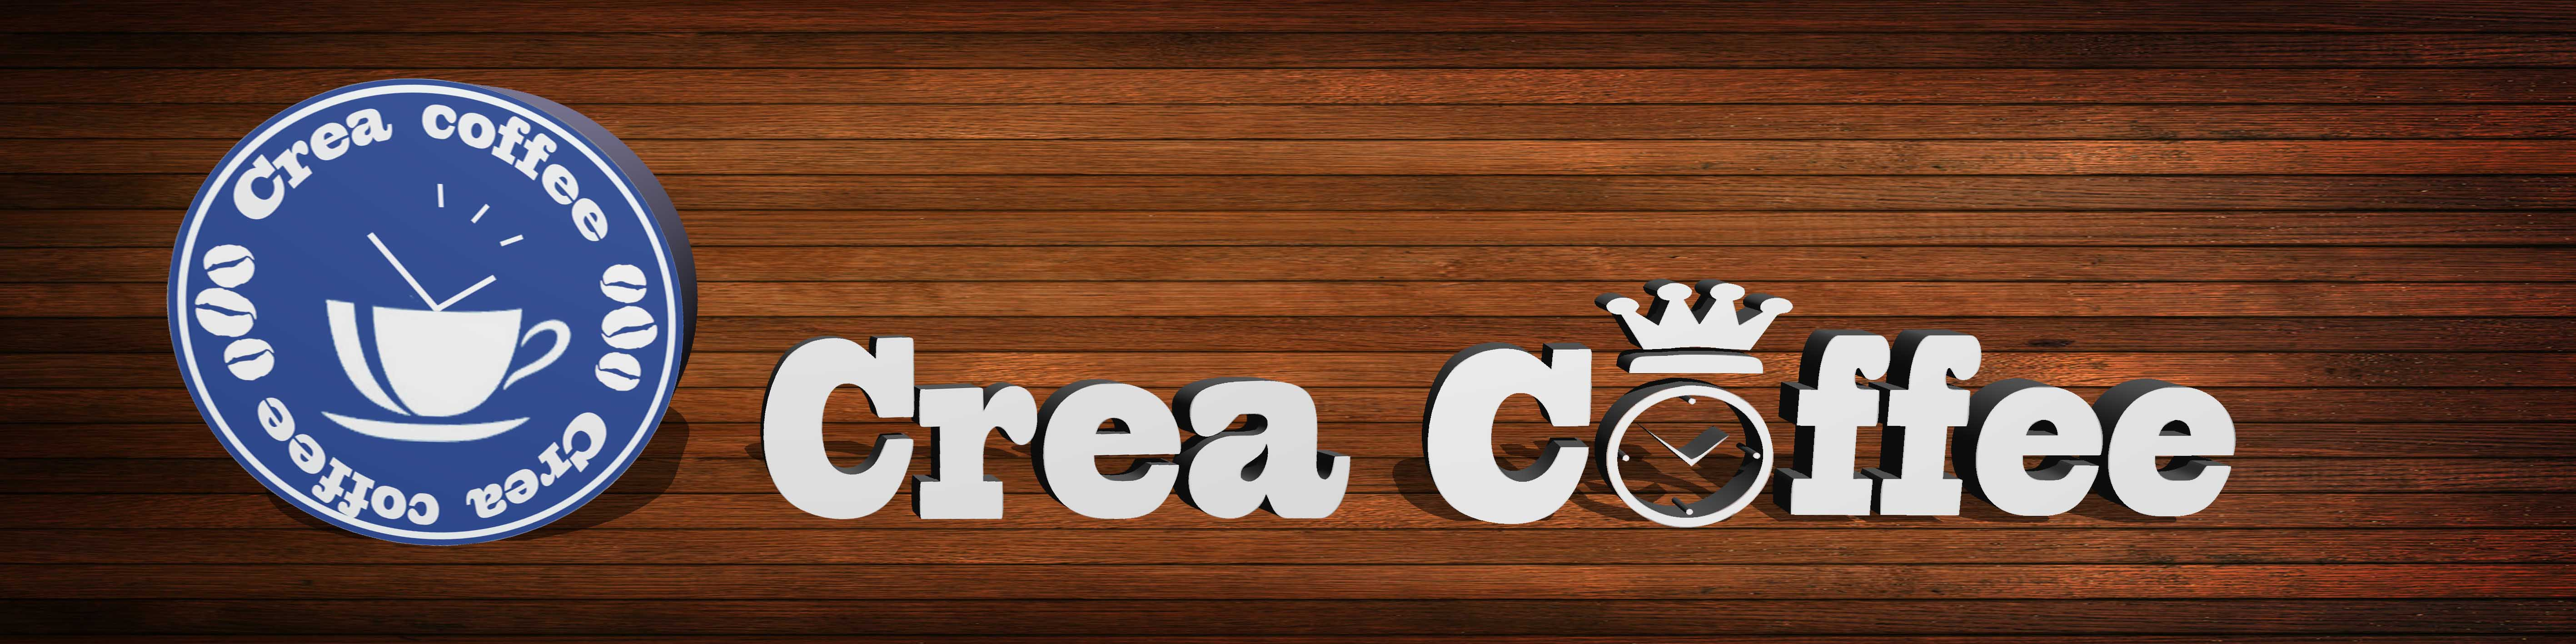 咖啡店找高手设计logo